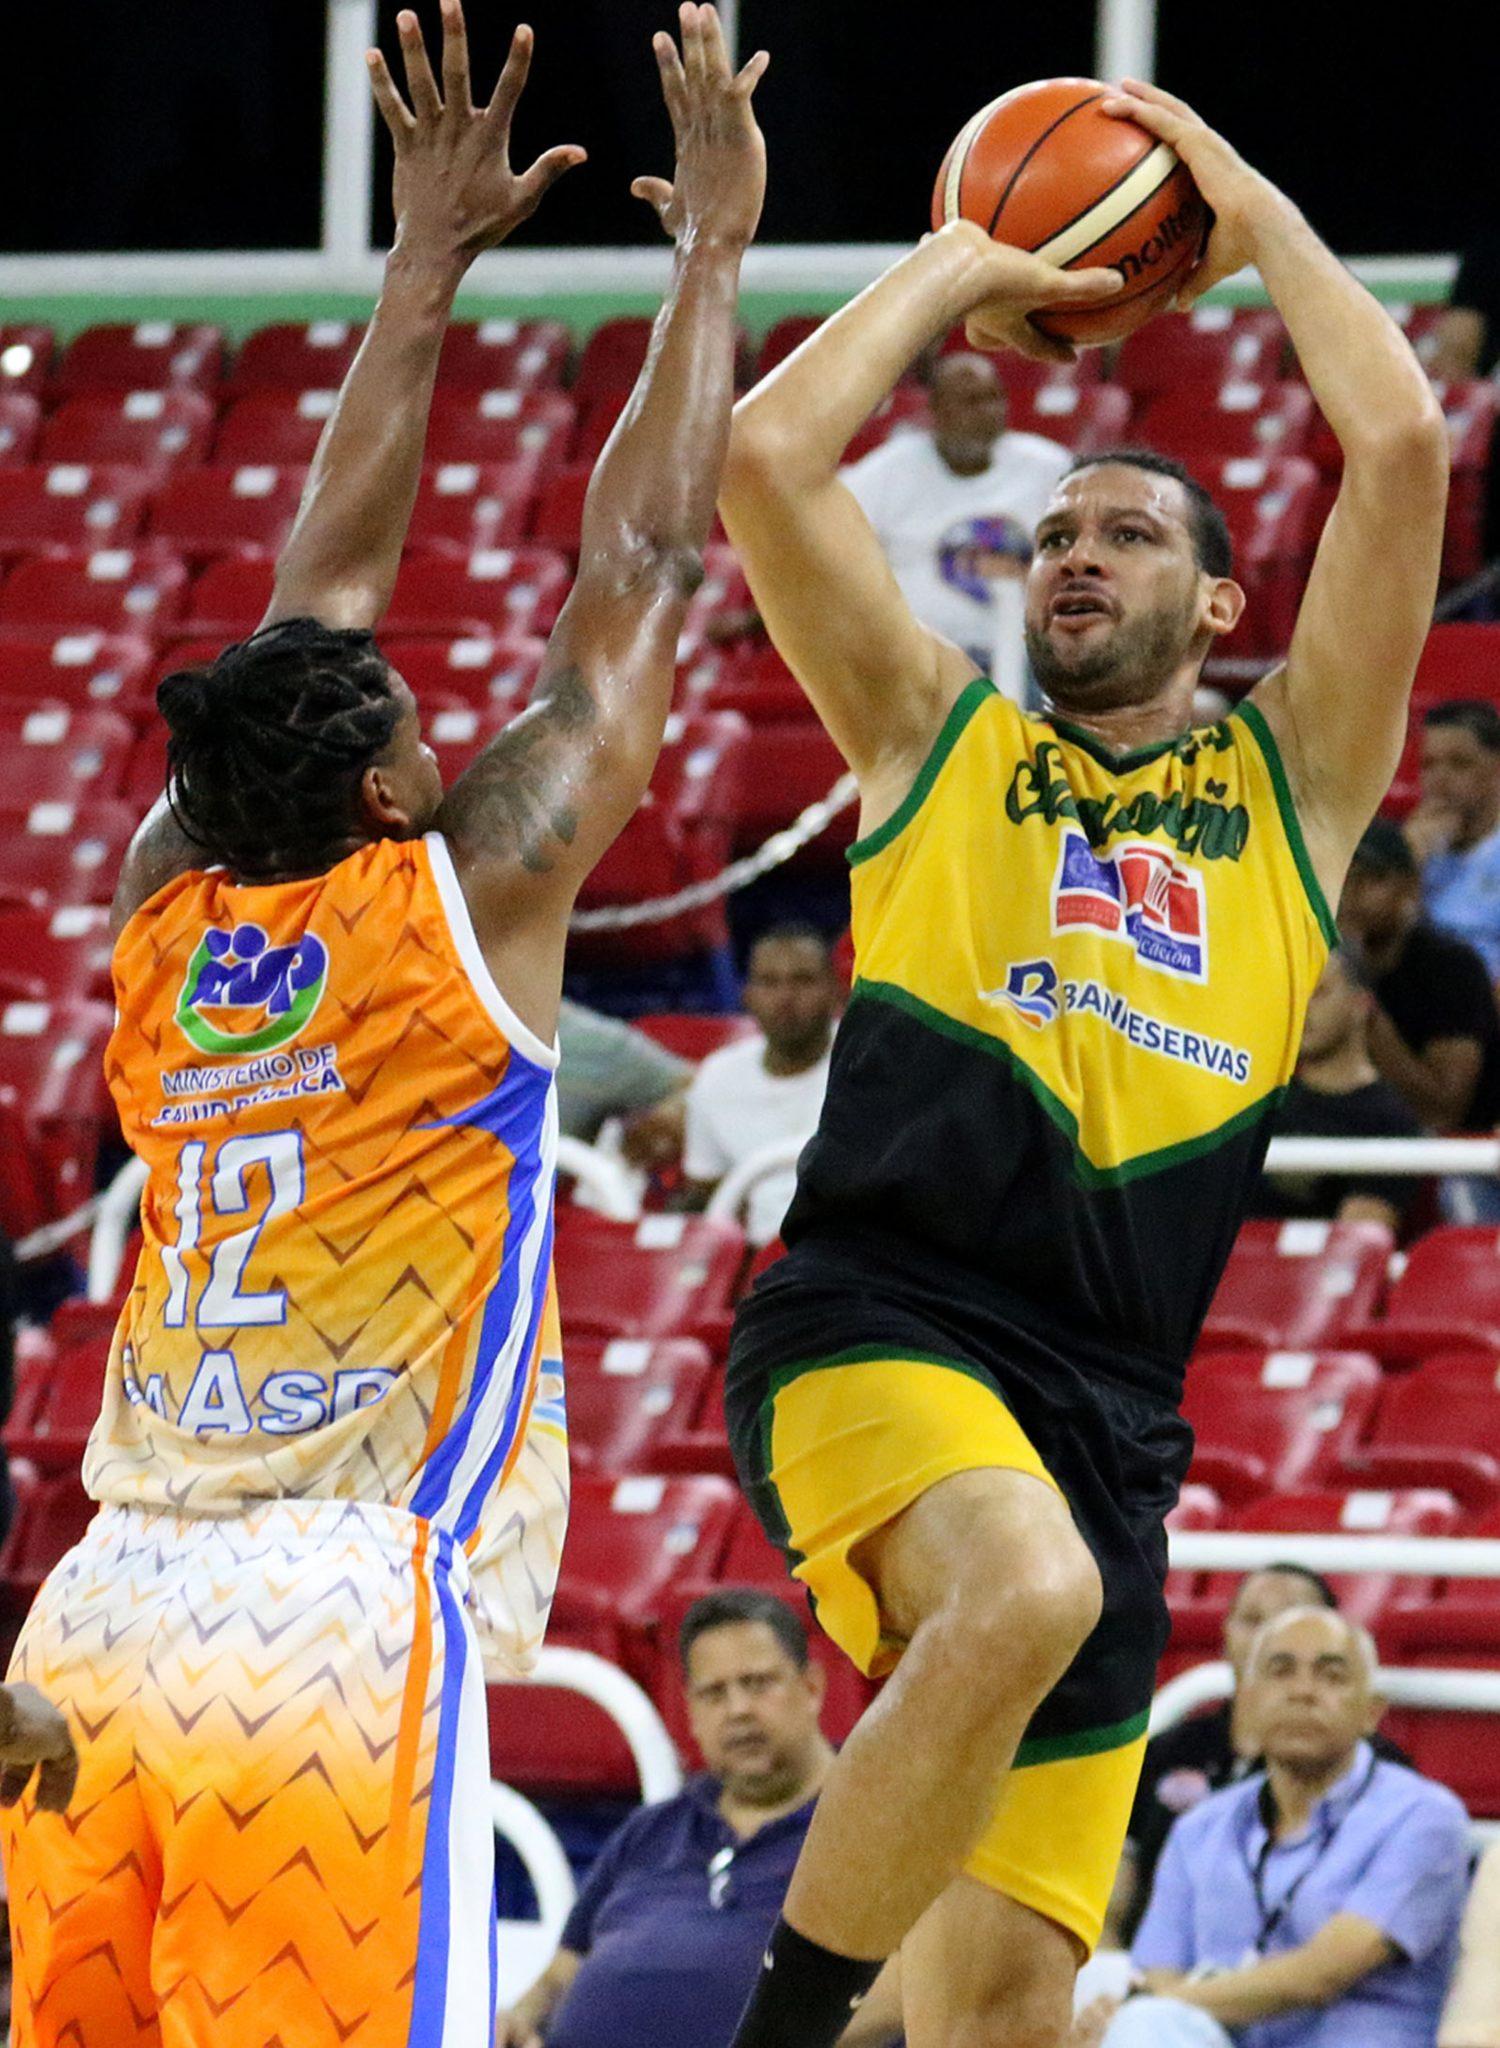 Manuel Guzmán narra vivencias en baloncesto